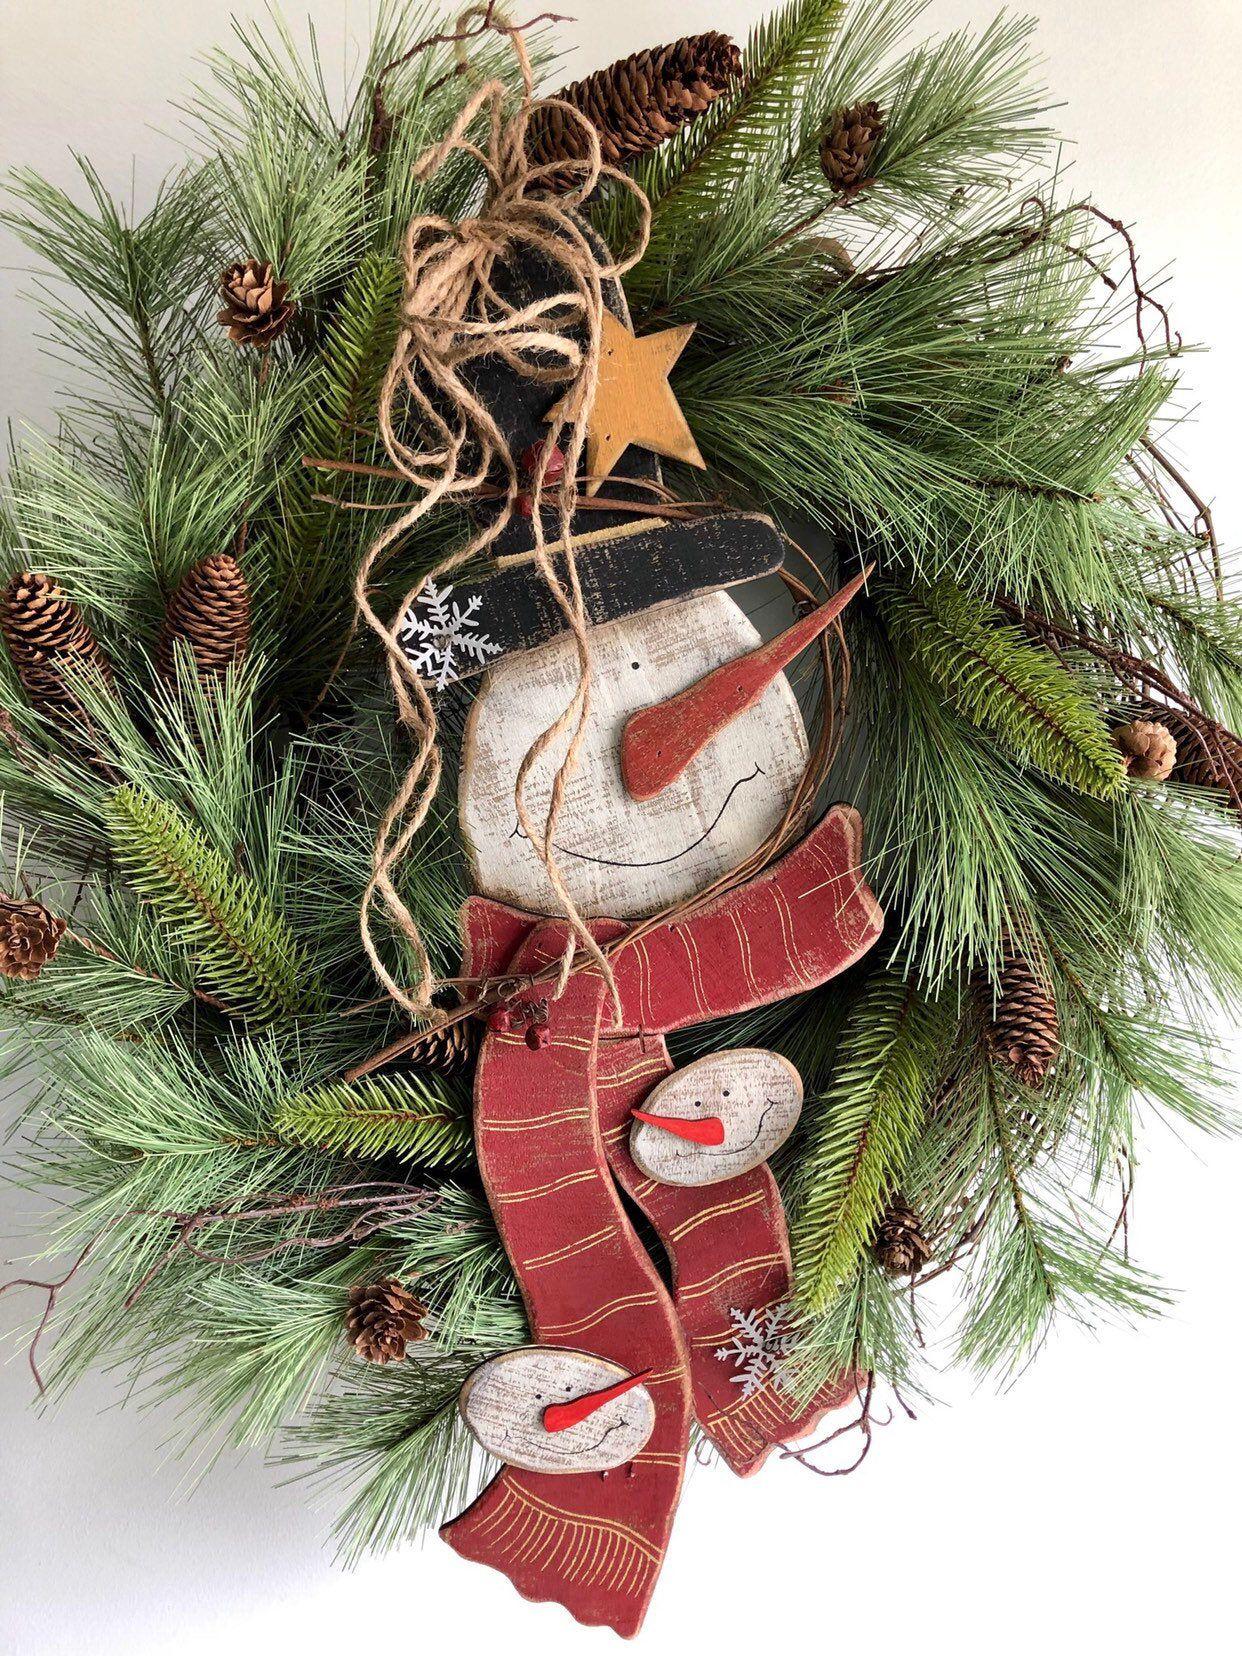 Primitive Snowman Wreath Primitive Christmas Wreath Farmhouse Christmas Wreath Rustic Christmas Wreath Vintage Christmas Wreath Gift Christmas Wreaths Rustic Christmas Primitive Christmas